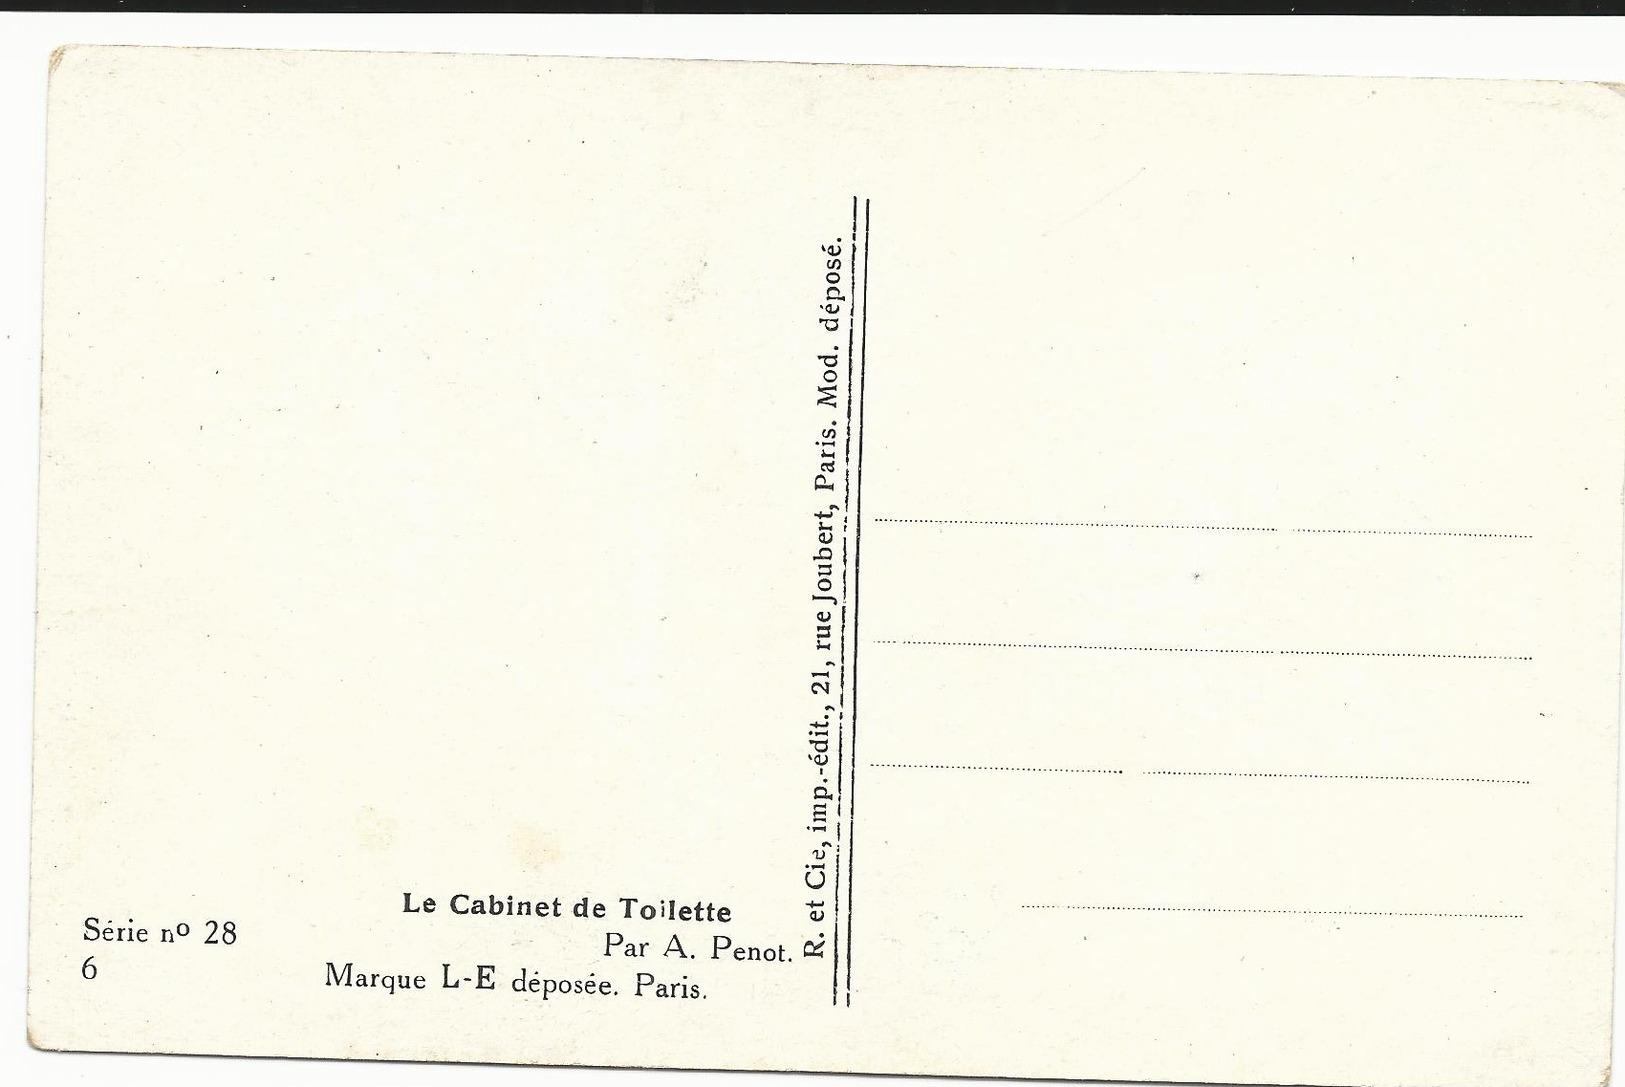 CPA - EROTIQUE - ILL. PENOT - LE CABINET DE TOILETTE - SERIE N°28 6 - NON  ECRITE - TBE - Ilustradores & Fotógrafos